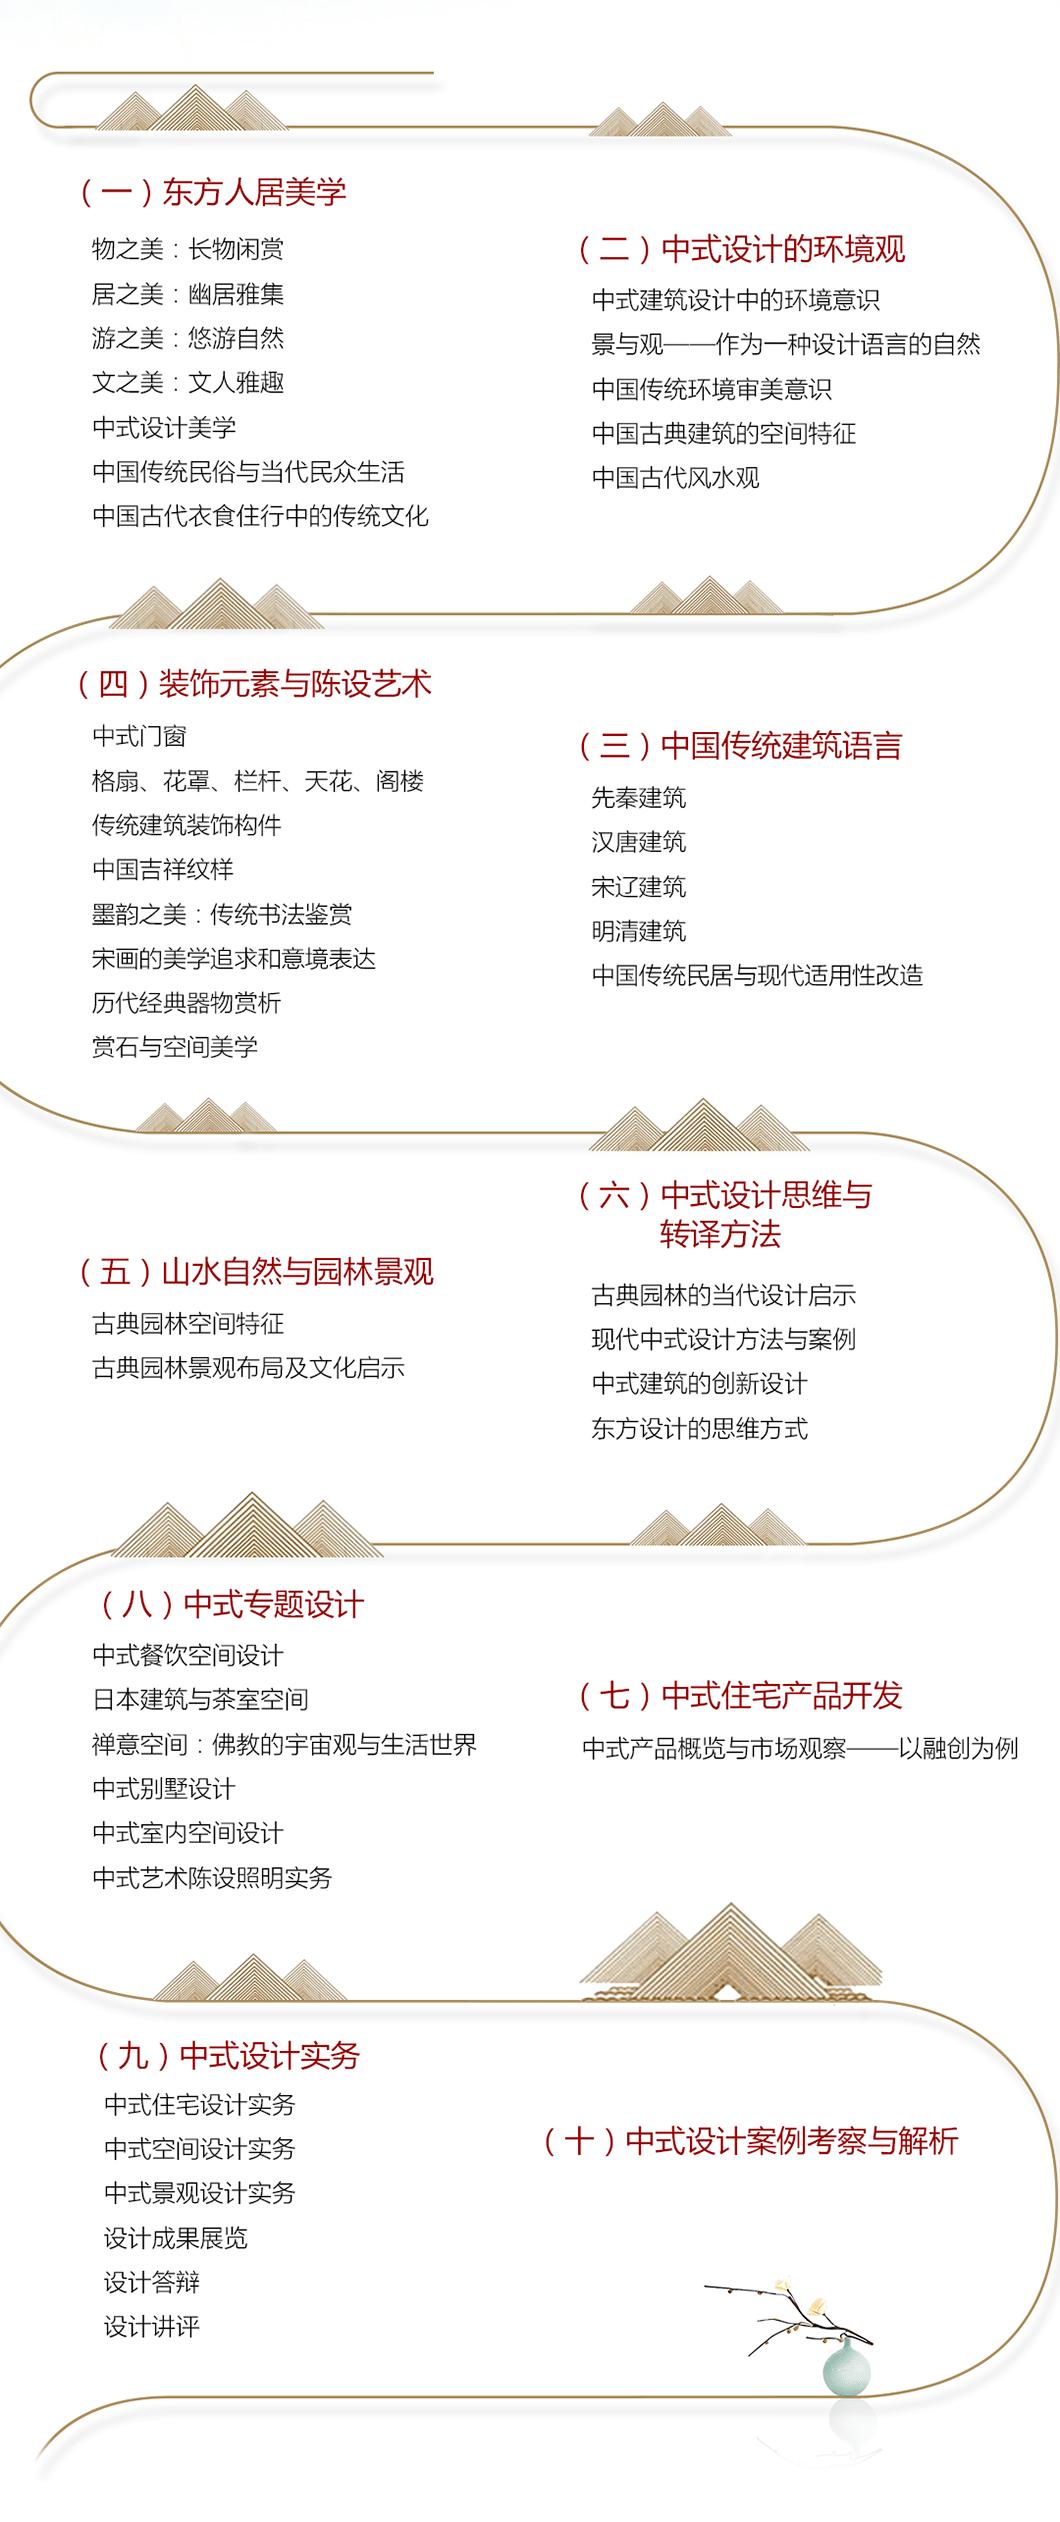 梁建國,琚賓,申作偉,陳林等知名設計師親自帶隊解析.